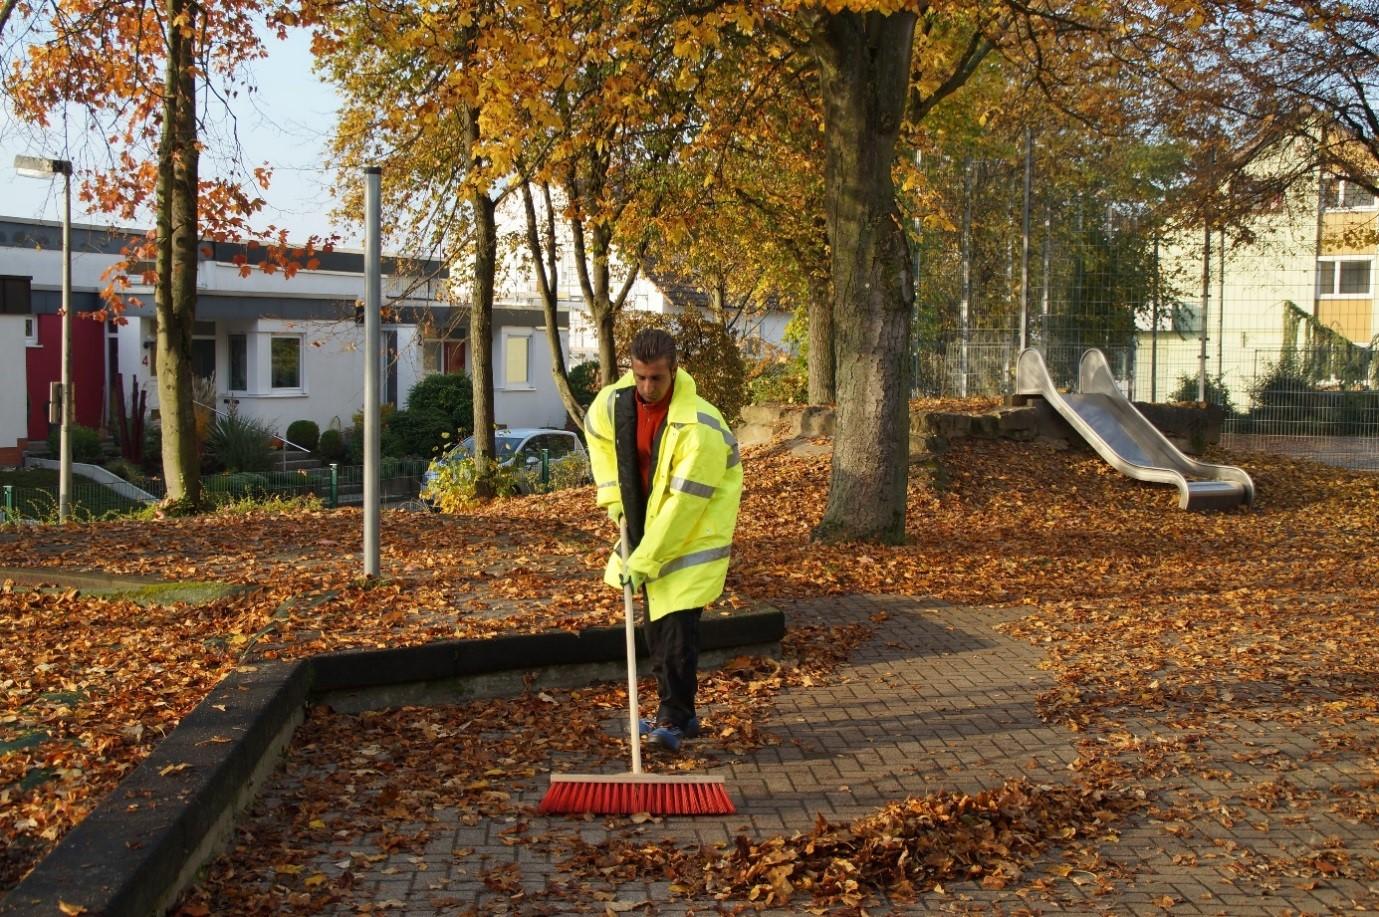 Ehrenamtlicher Helfer fegt Herbstlaub